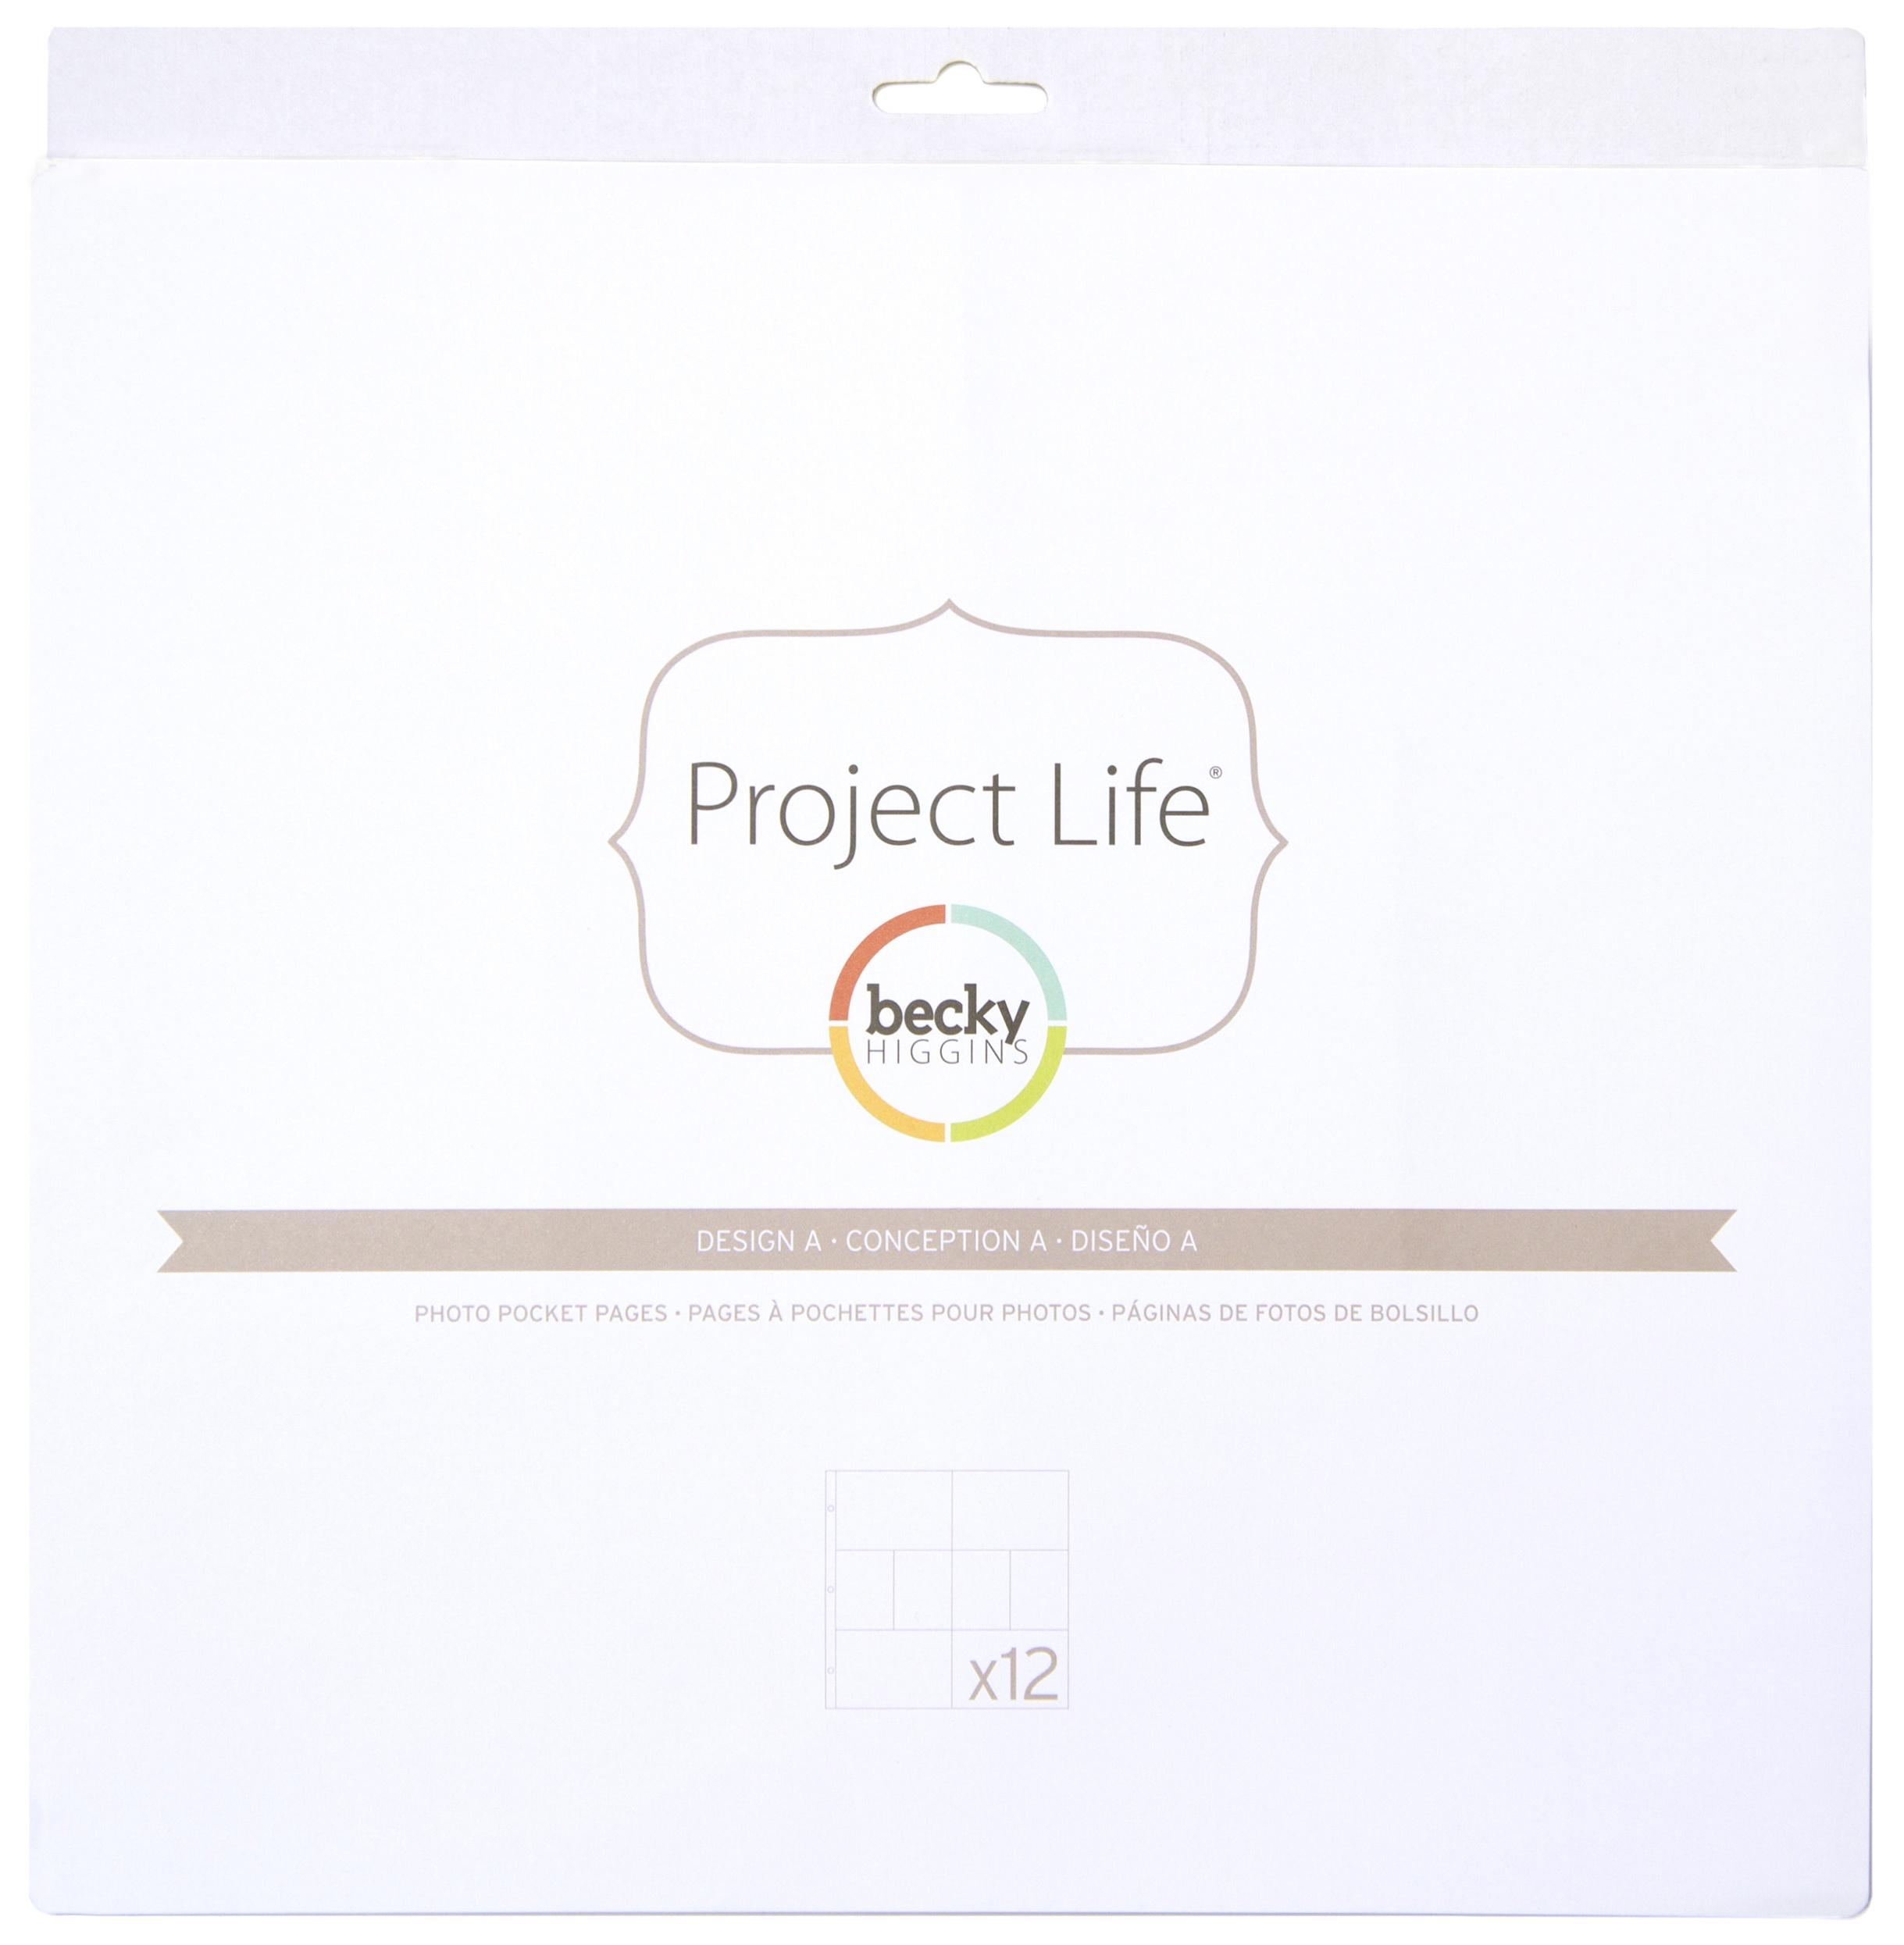 Project Life Photo Pocket Pages 12/Pkg-Design A